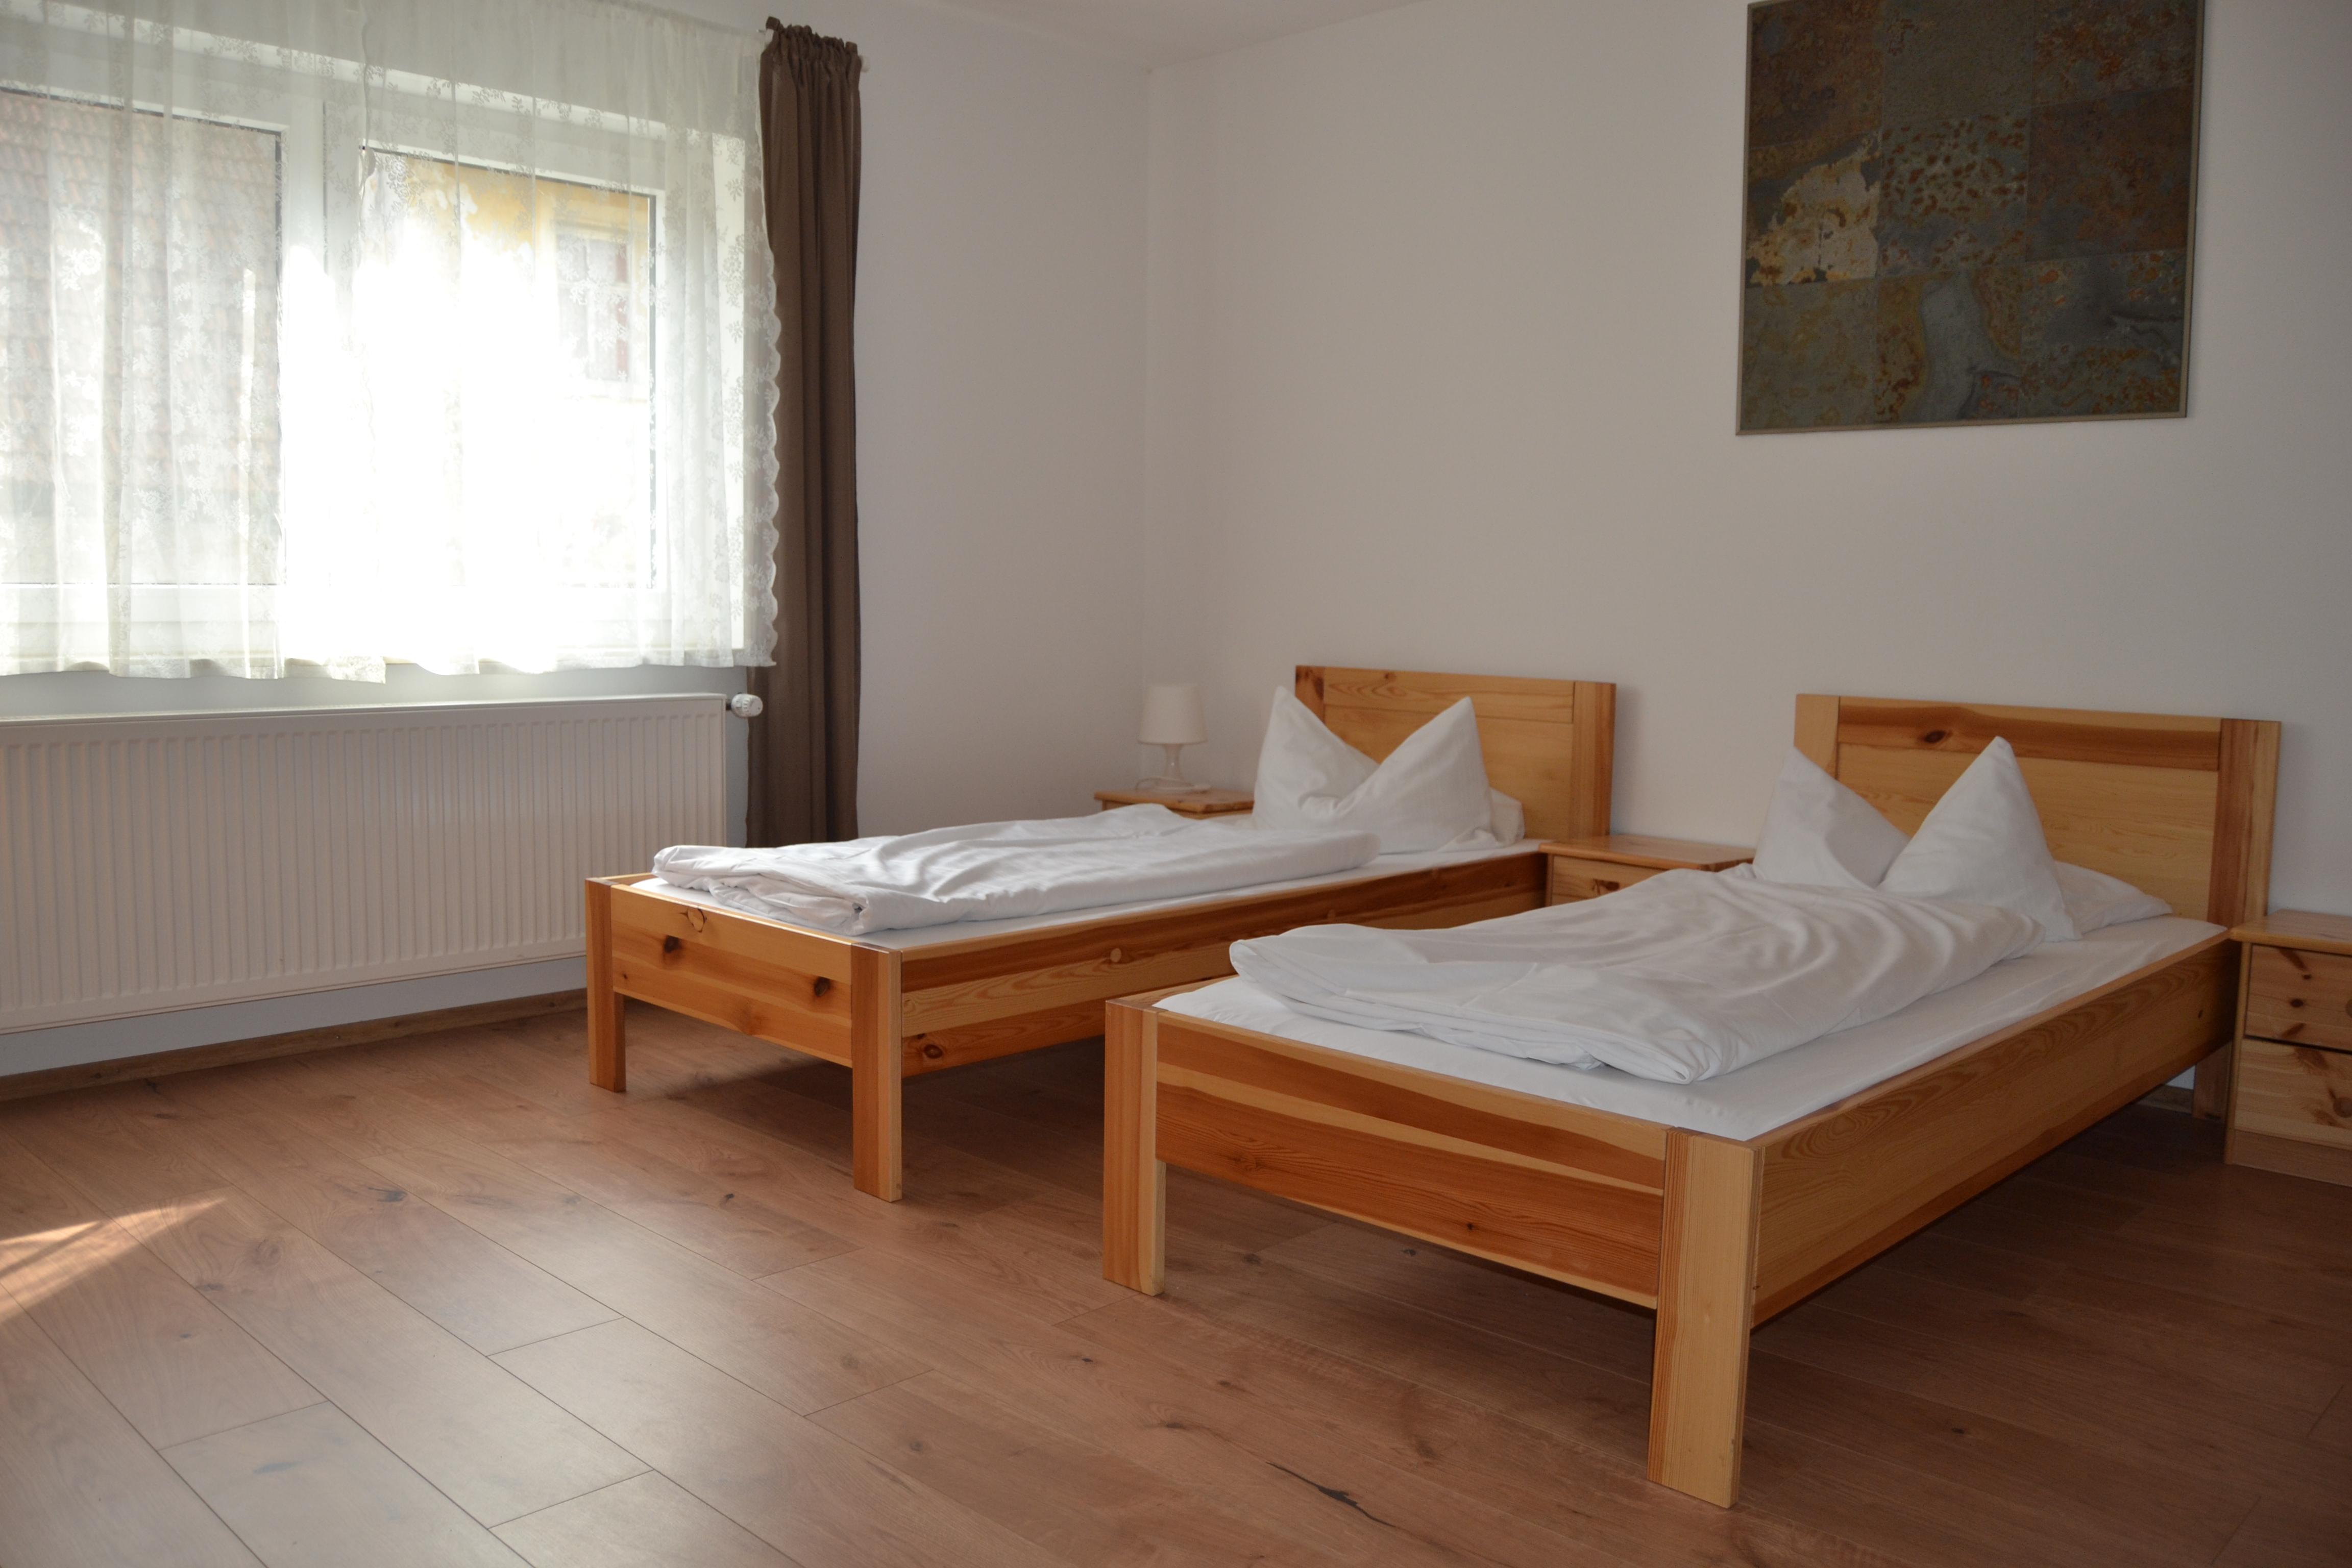 Frankenferien Kugler Ferienwohnung- und Zimmervermietung (5-Seidla-Steig)